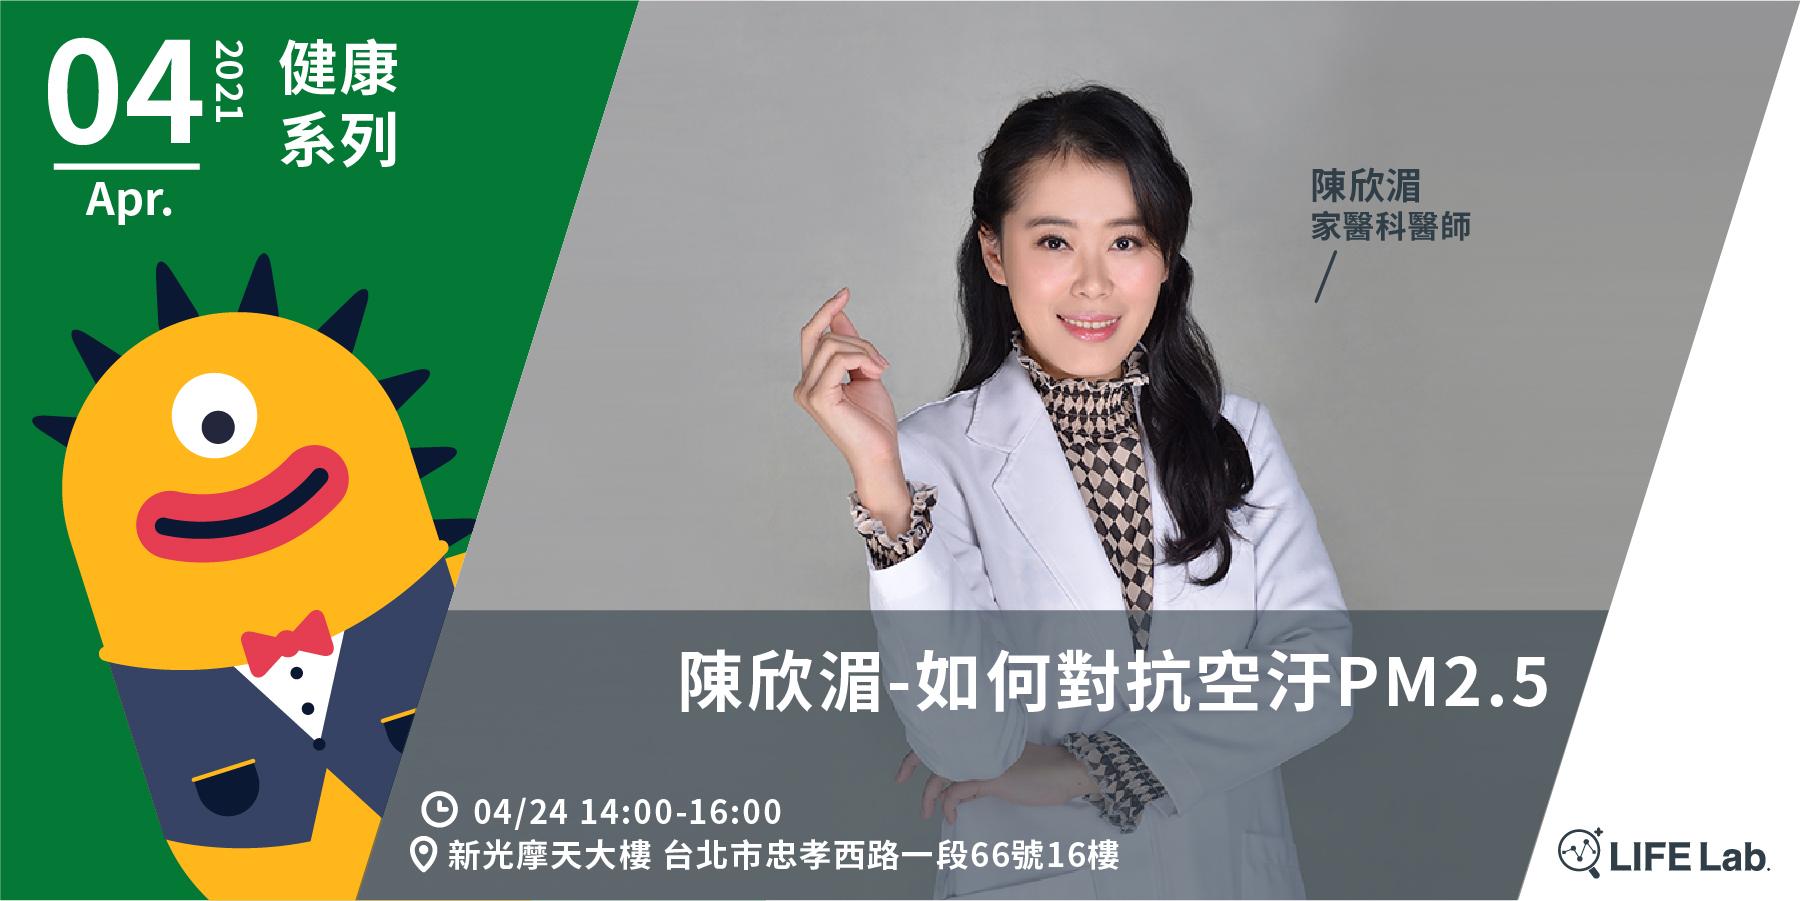 4/24(六)健康系列-陳欣湄-如何對抗空汙PM2.5